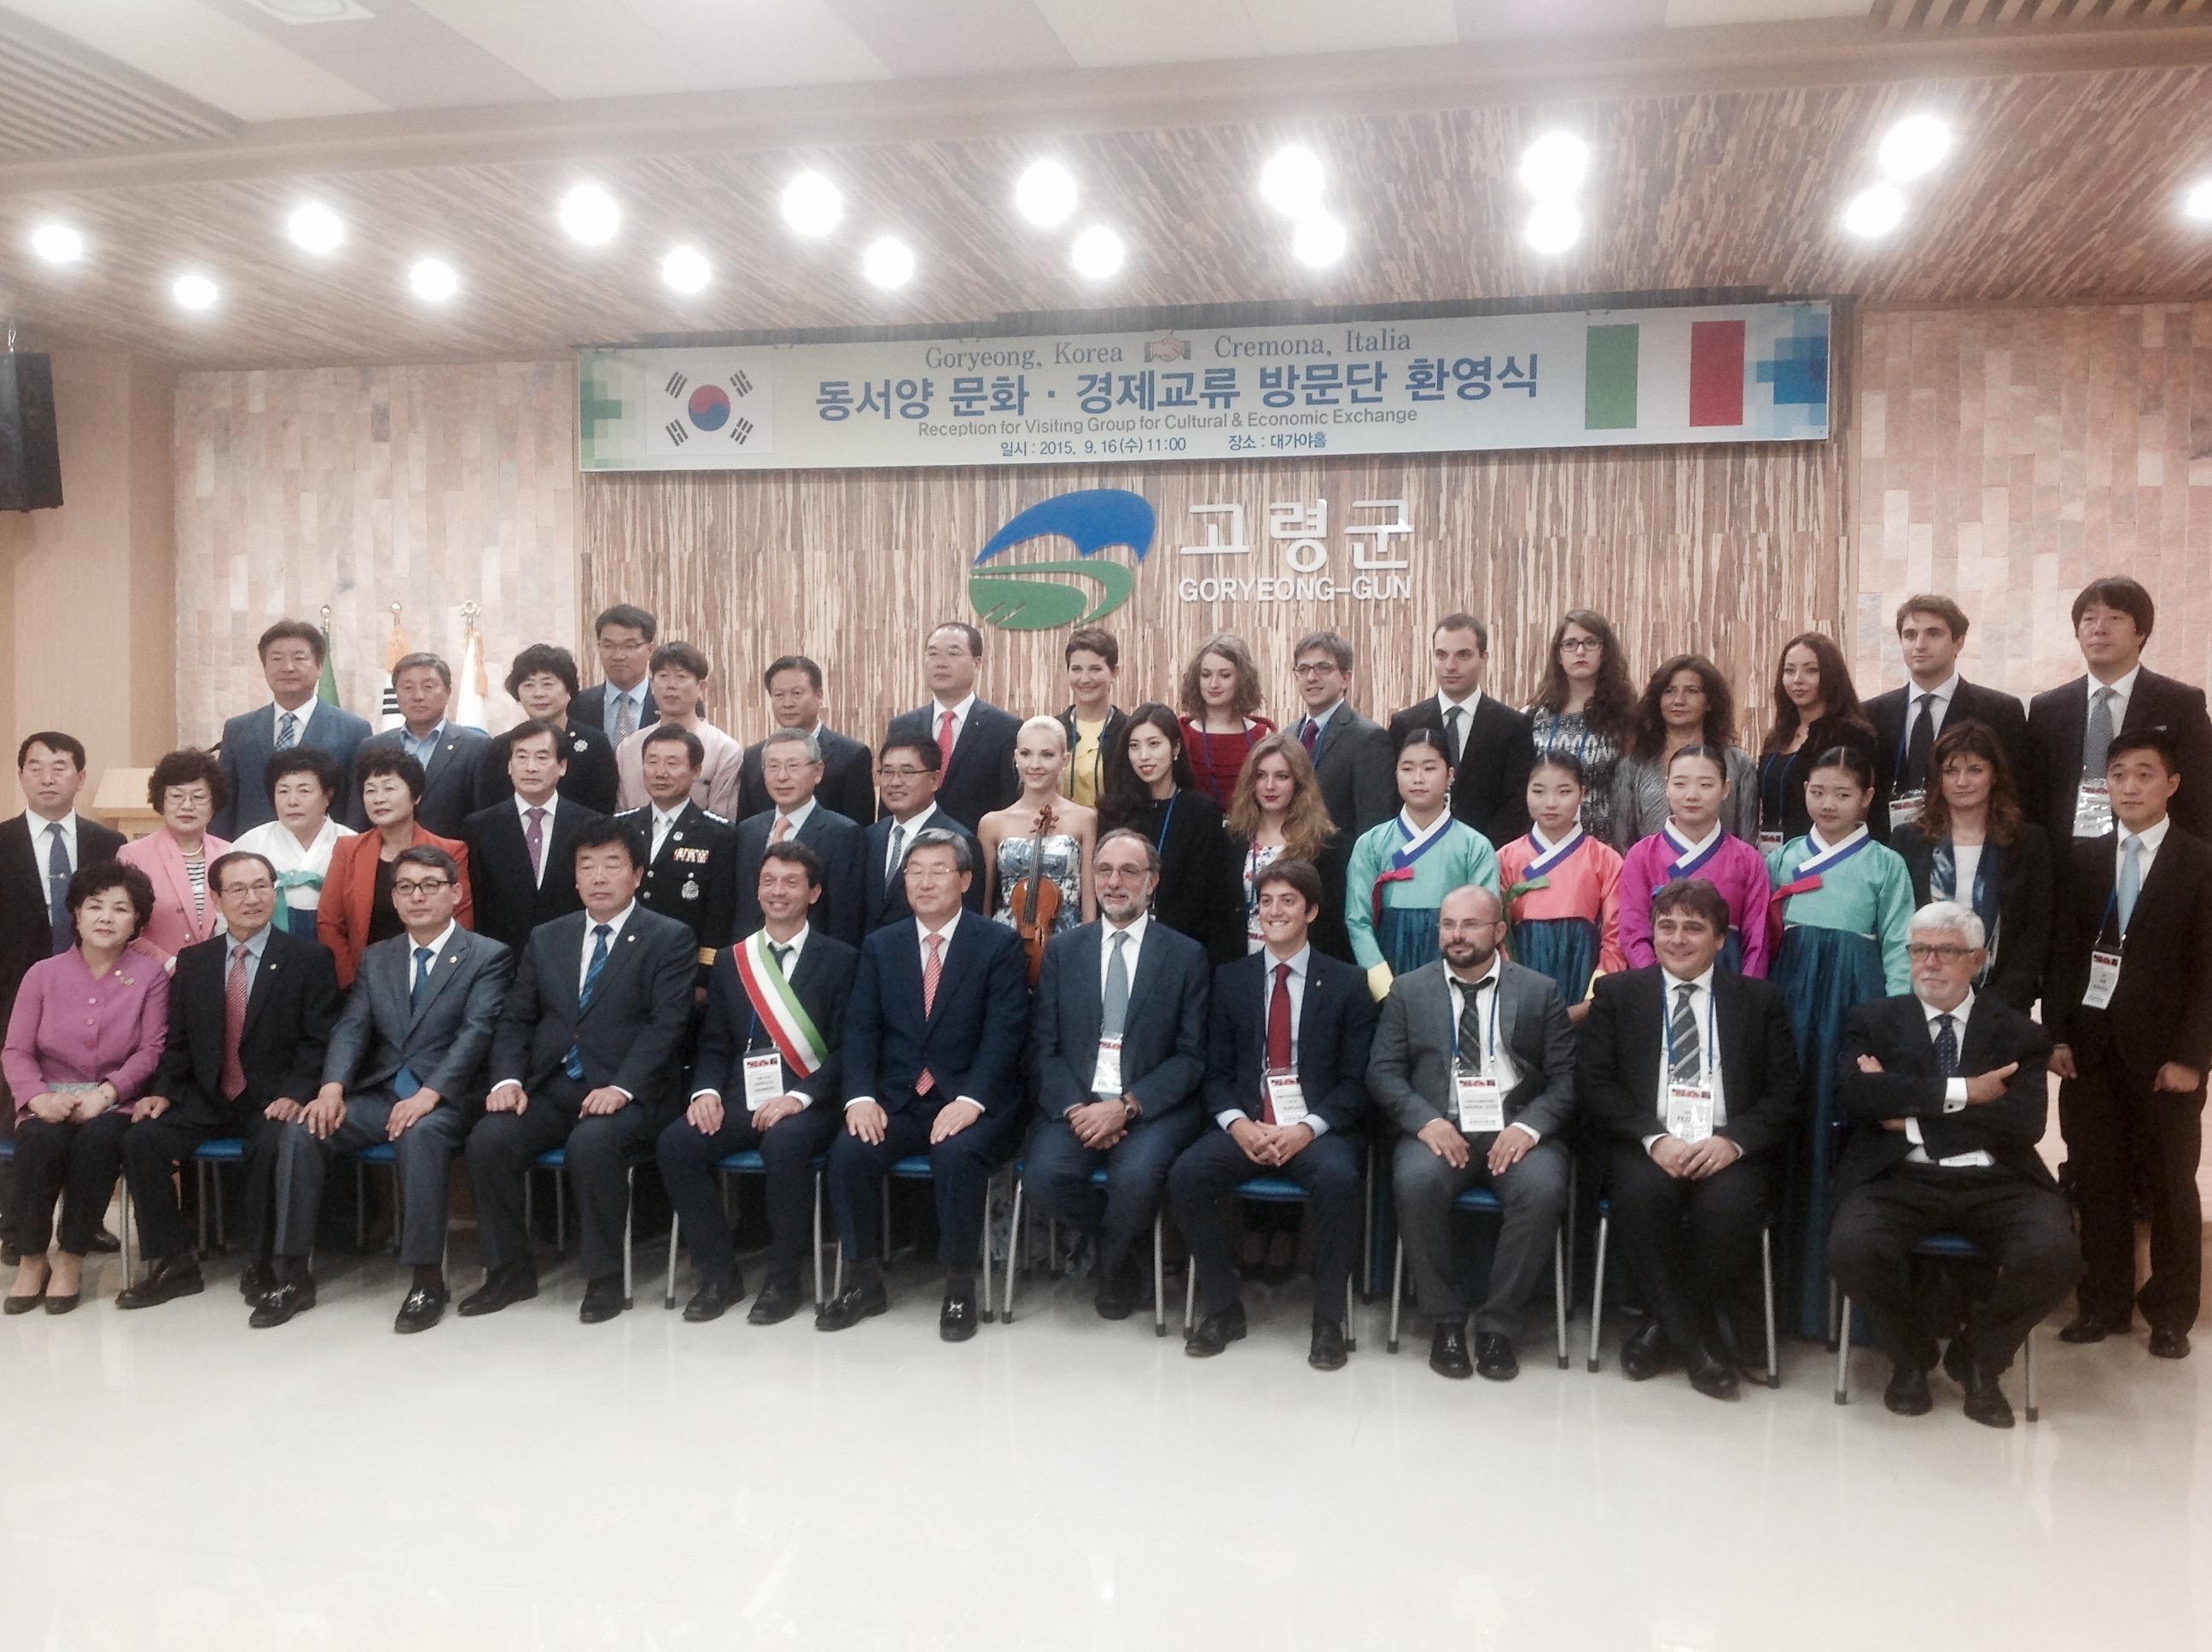 Cremona e Goryeong (Corea) per una nuova via della seta: splendido il concerto con violini e gayageum